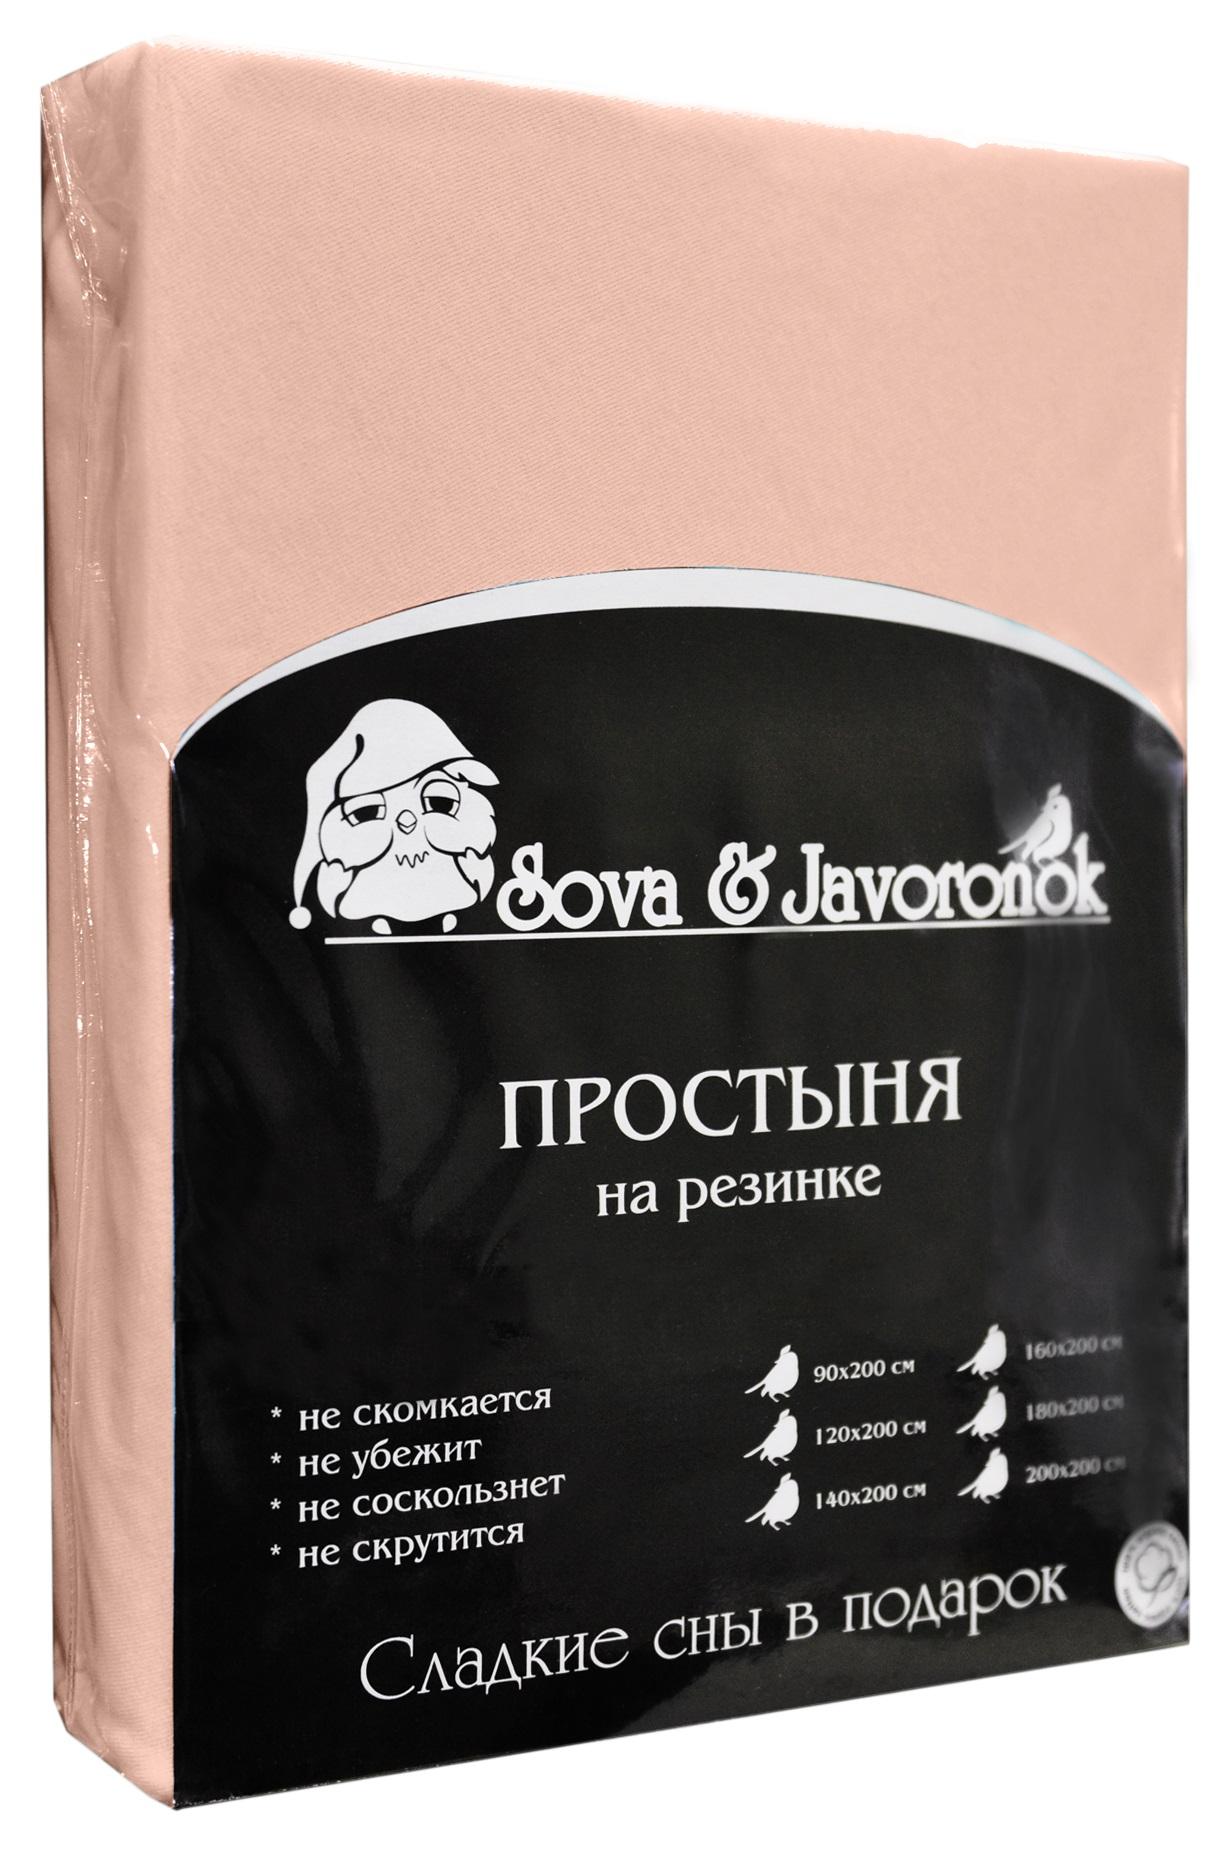 Простыня на резинке Sova & Javoronok, цвет: персиковый, 140 см х 200 смES-412Простыня на резинке Sova & Javoronok, изготовленная из трикотажной ткани (100% хлопок), будет превосходно смотреться с любыми комплектами белья. Хлопчатобумажный трикотаж по праву считается одним из самых качественных, прочных и при этом приятных на ощупь. Его гигиеничность позволяет использовать простыню и в детских комнатах, к тому же 100%-ый хлопок в составе ткани не вызовет аллергии. У трикотажного полотна очень интересная структура, немного рыхлая за счет отсутствия плотного переплетения нитей и наличия особых петель, благодаря этому простыня Сова и Жаворонок отлично пропускает воздух и способствует его постоянной циркуляции. Поэтому ваша постель будет всегда оставаться свежей. Но главное и, пожалуй, самое известное свойство трикотажа - это его великолепная растяжимость, поэтому эта ткань и была выбрана для натяжной простыни на резинке.Простыня прошита резинкой по всему периметру, что обеспечивает более комфортный отдых, так как она прочно удерживается на матрасе и избавляет от необходимости часто поправлять простыню.